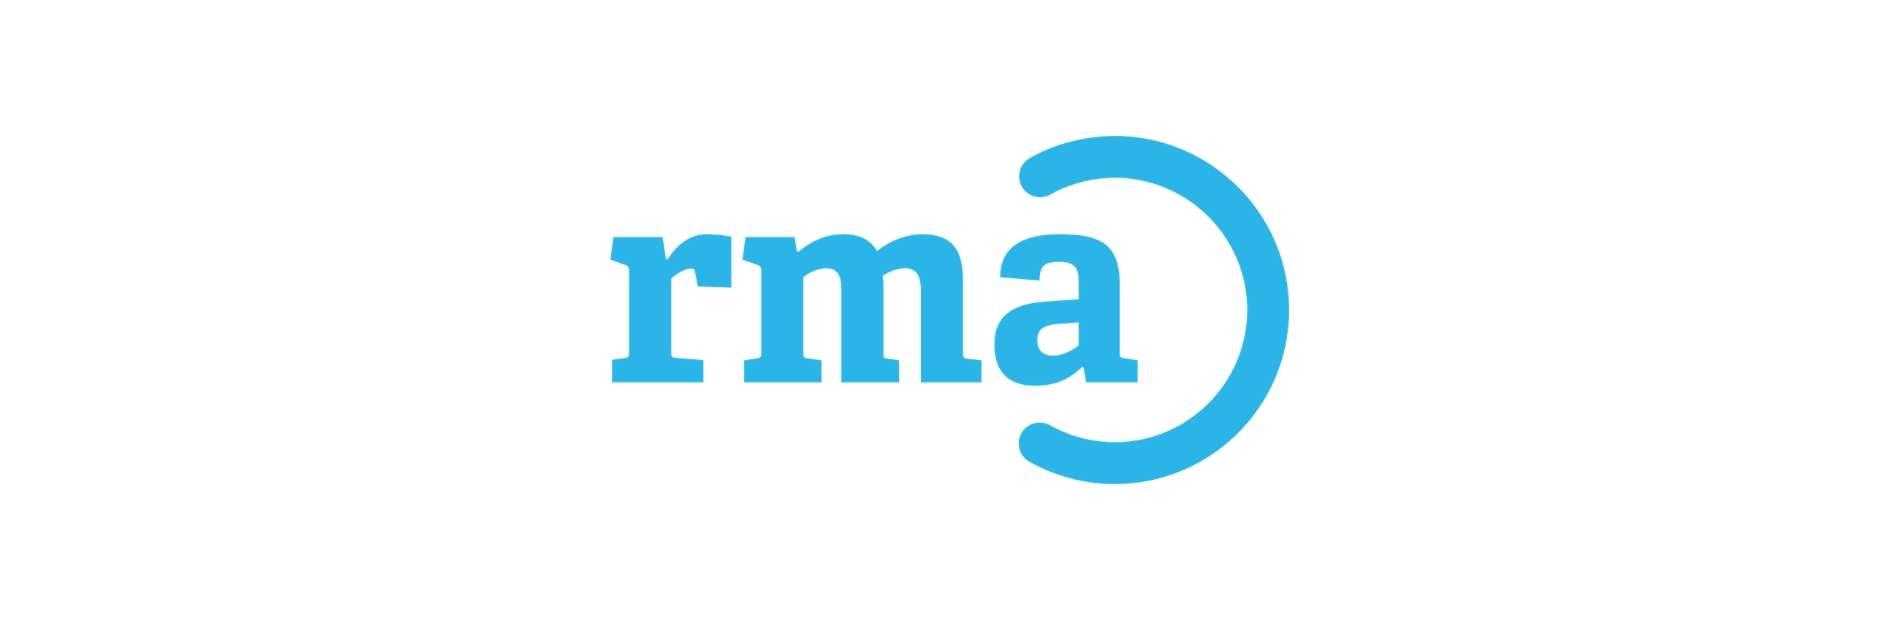 rma covid-19 coronavirus